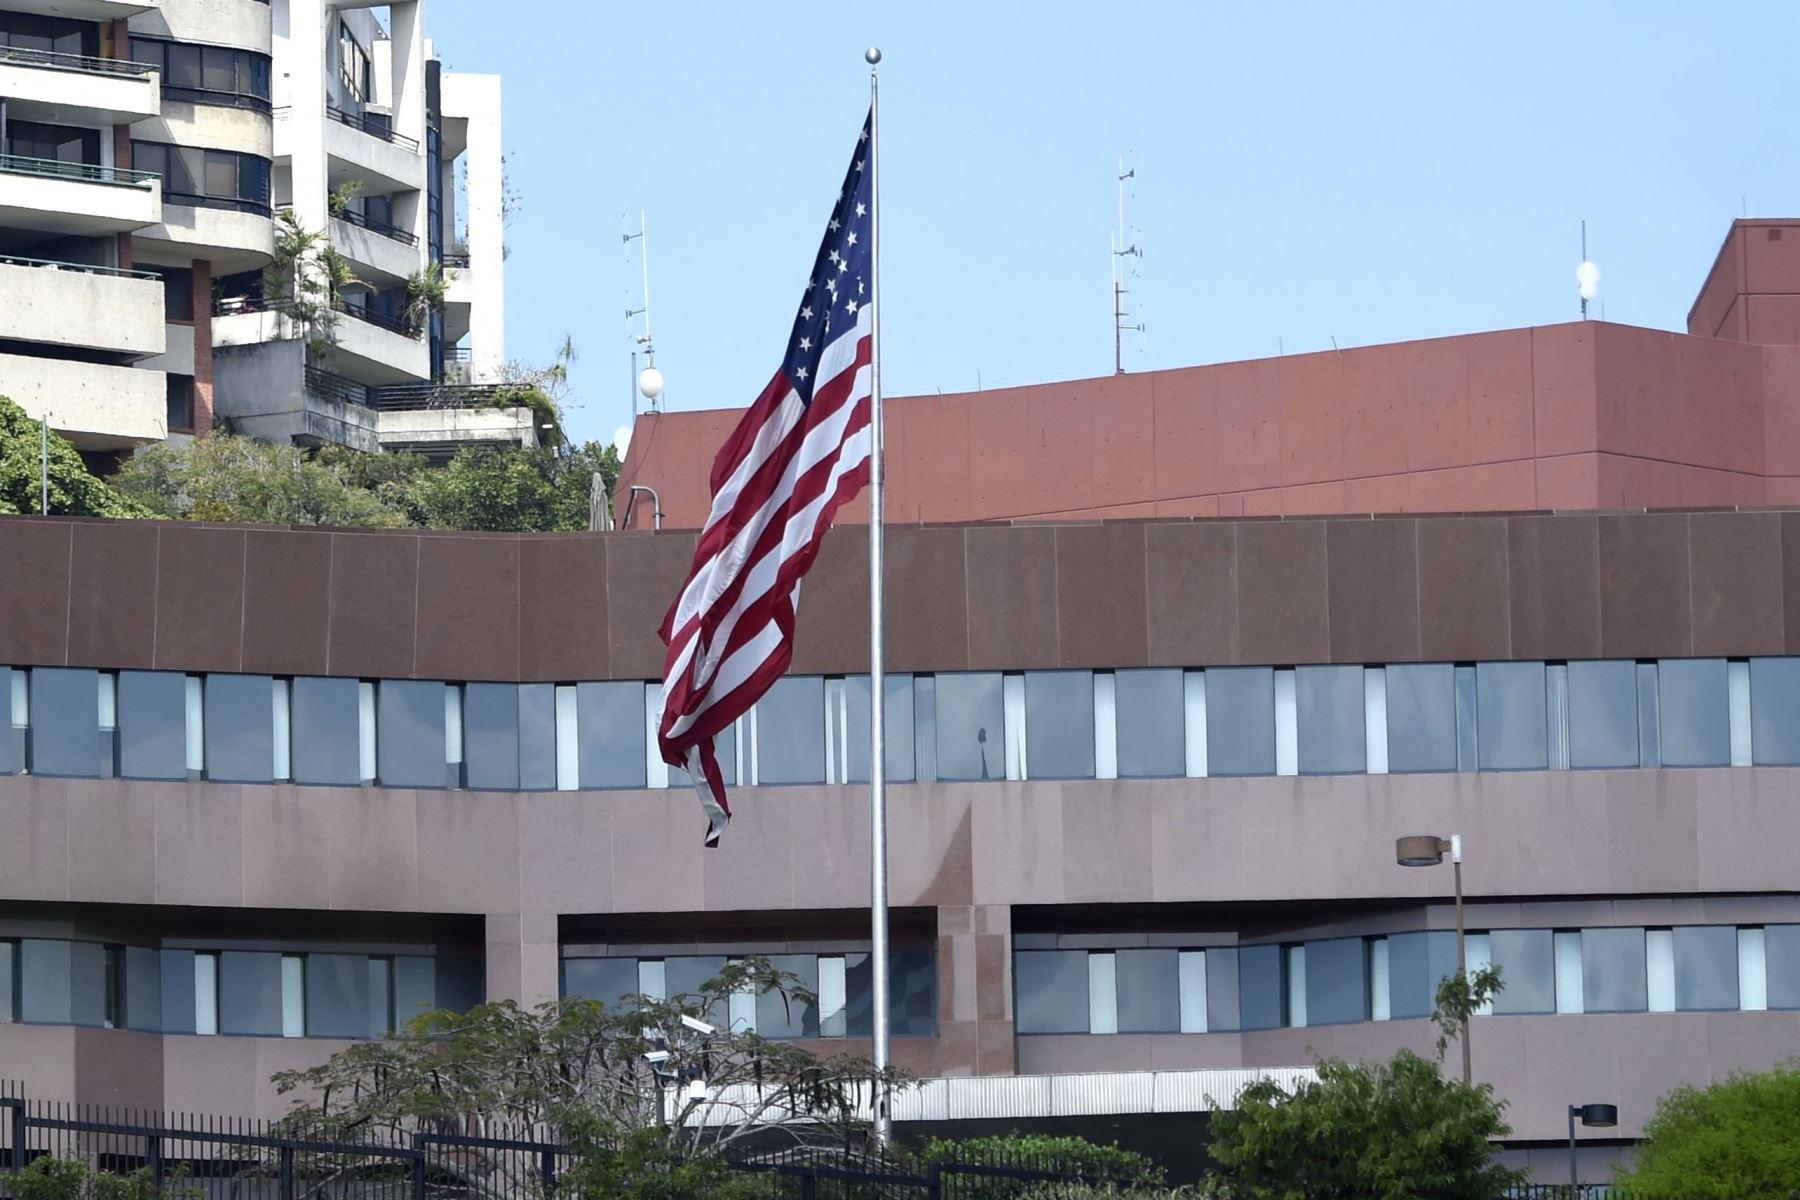 La embajada de los Estados Unidos de América en Caracas. Foto: AFP